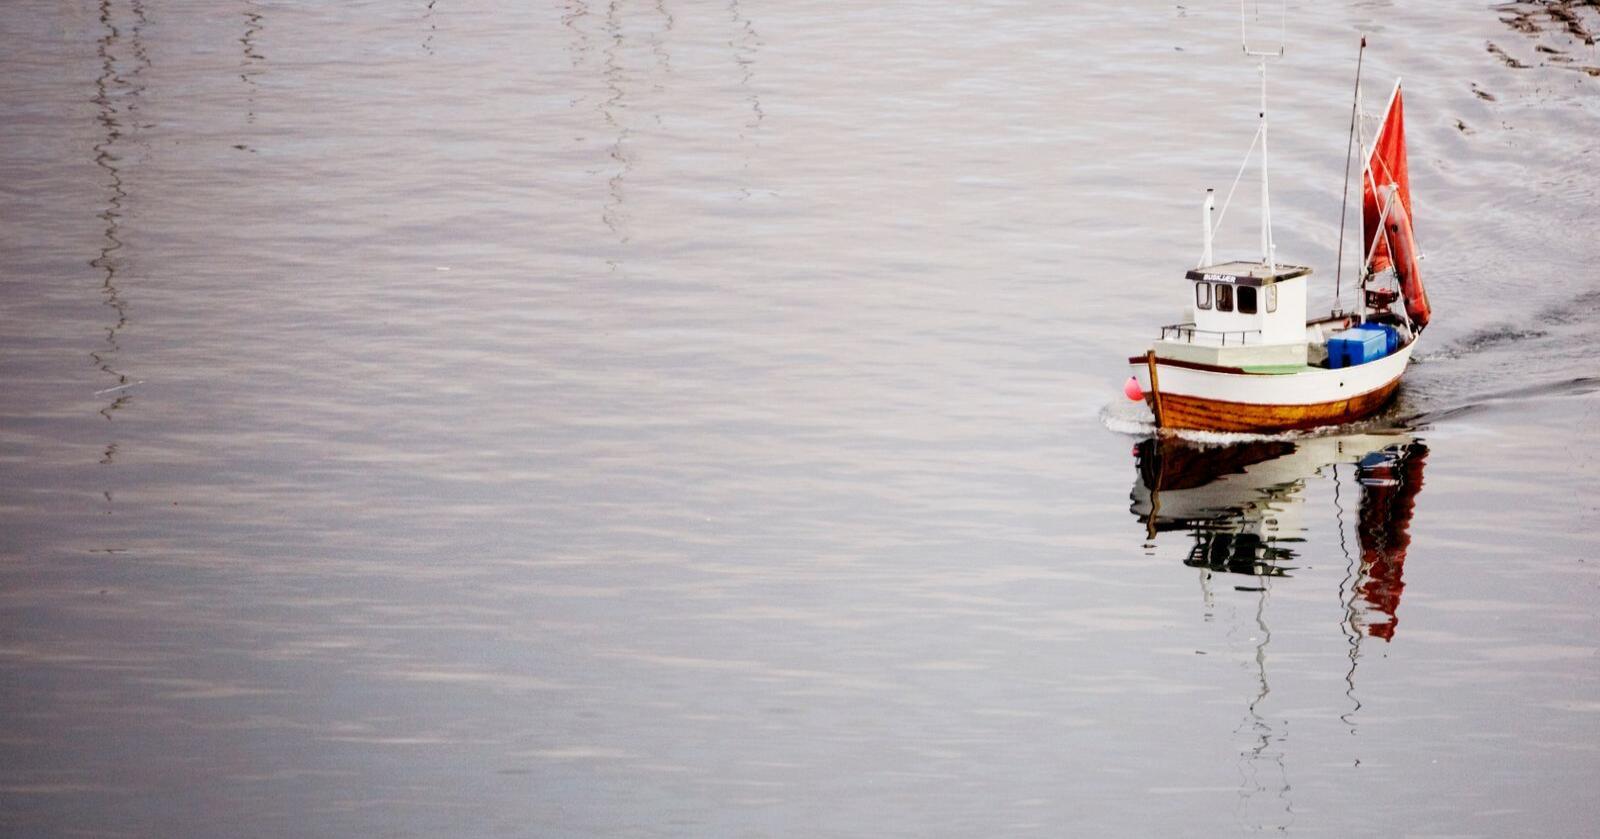 MIDTNATT: En fiskebåt kjører inn til havnen i fiskeriministerens hjemby, Bodø, ved midnatt etter endt fiske. Ministeren minner om at vi har så mye fisk i Norge at vi ikke vil gå tom for mat. Foto: Kyrre Lien / SCANPIX